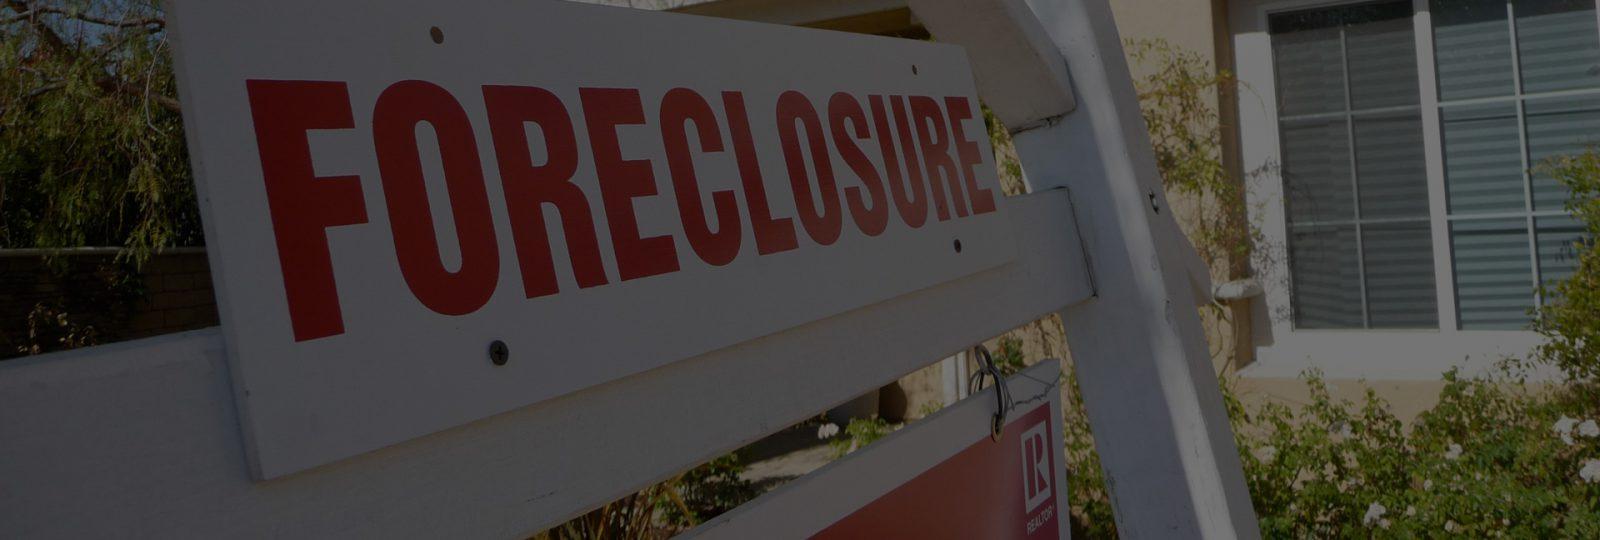 Fighting Foreclosure